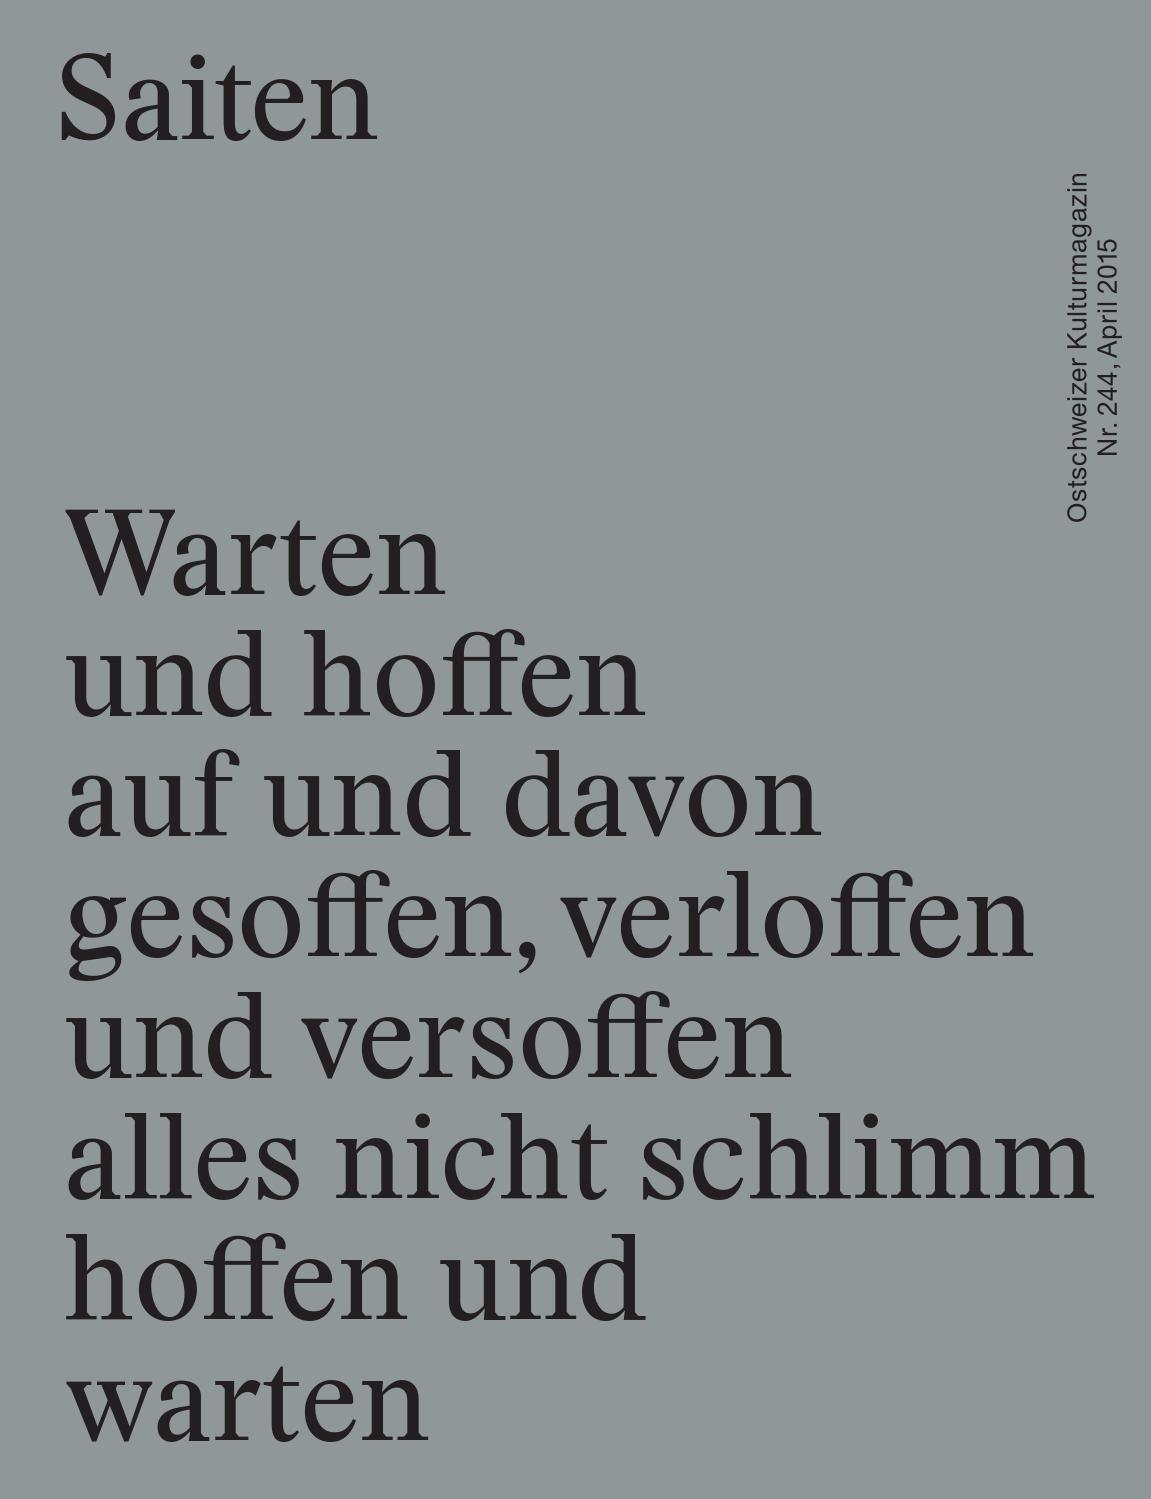 N 244 Warten Und Hoffen By Kulturmagazin Saiten Issuu